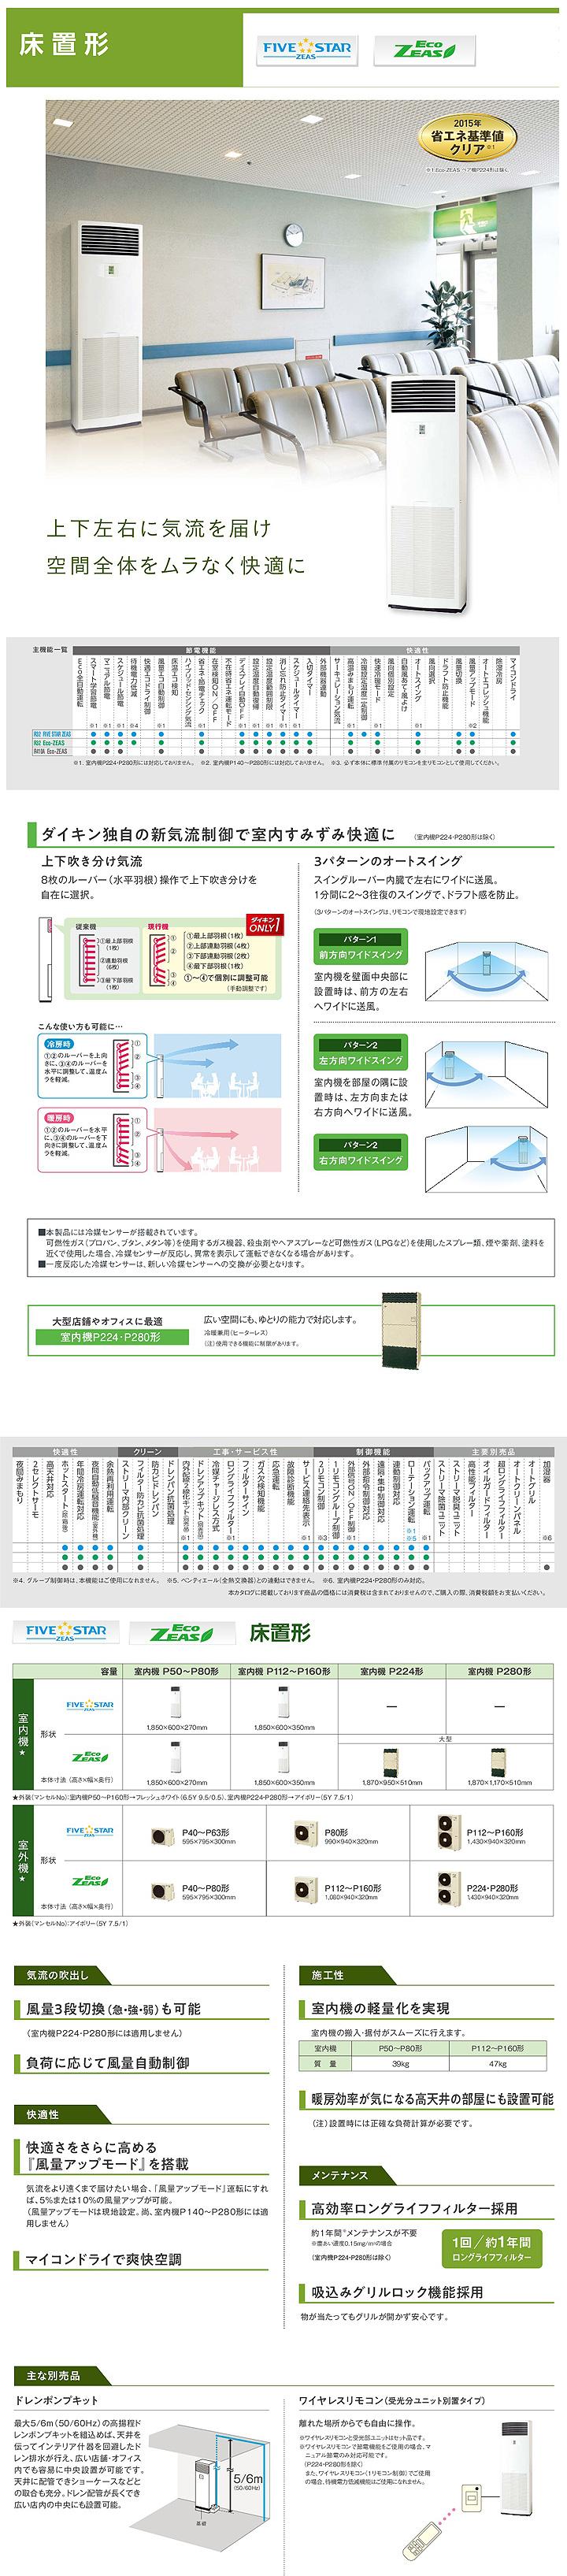 ダイキン SSRV160BC 業務用エアコン